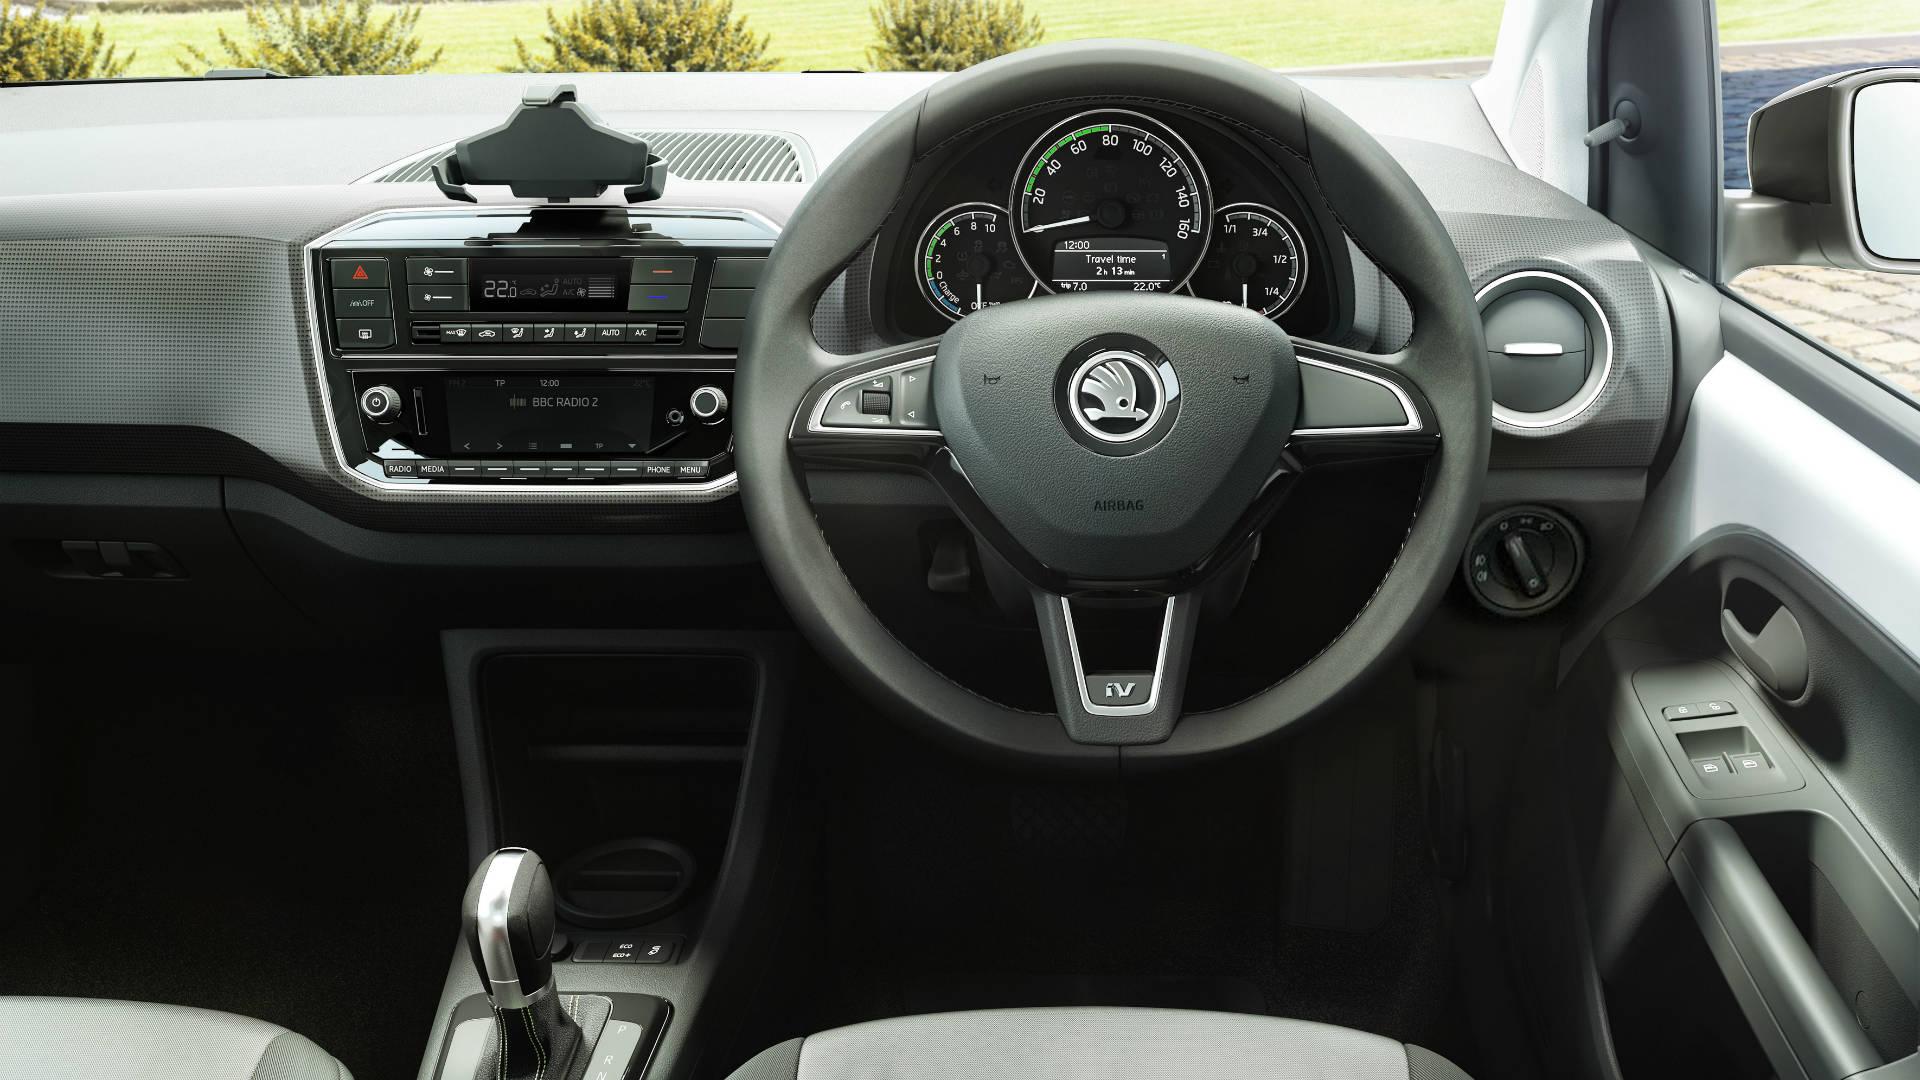 Skoda Citigo electric car interior